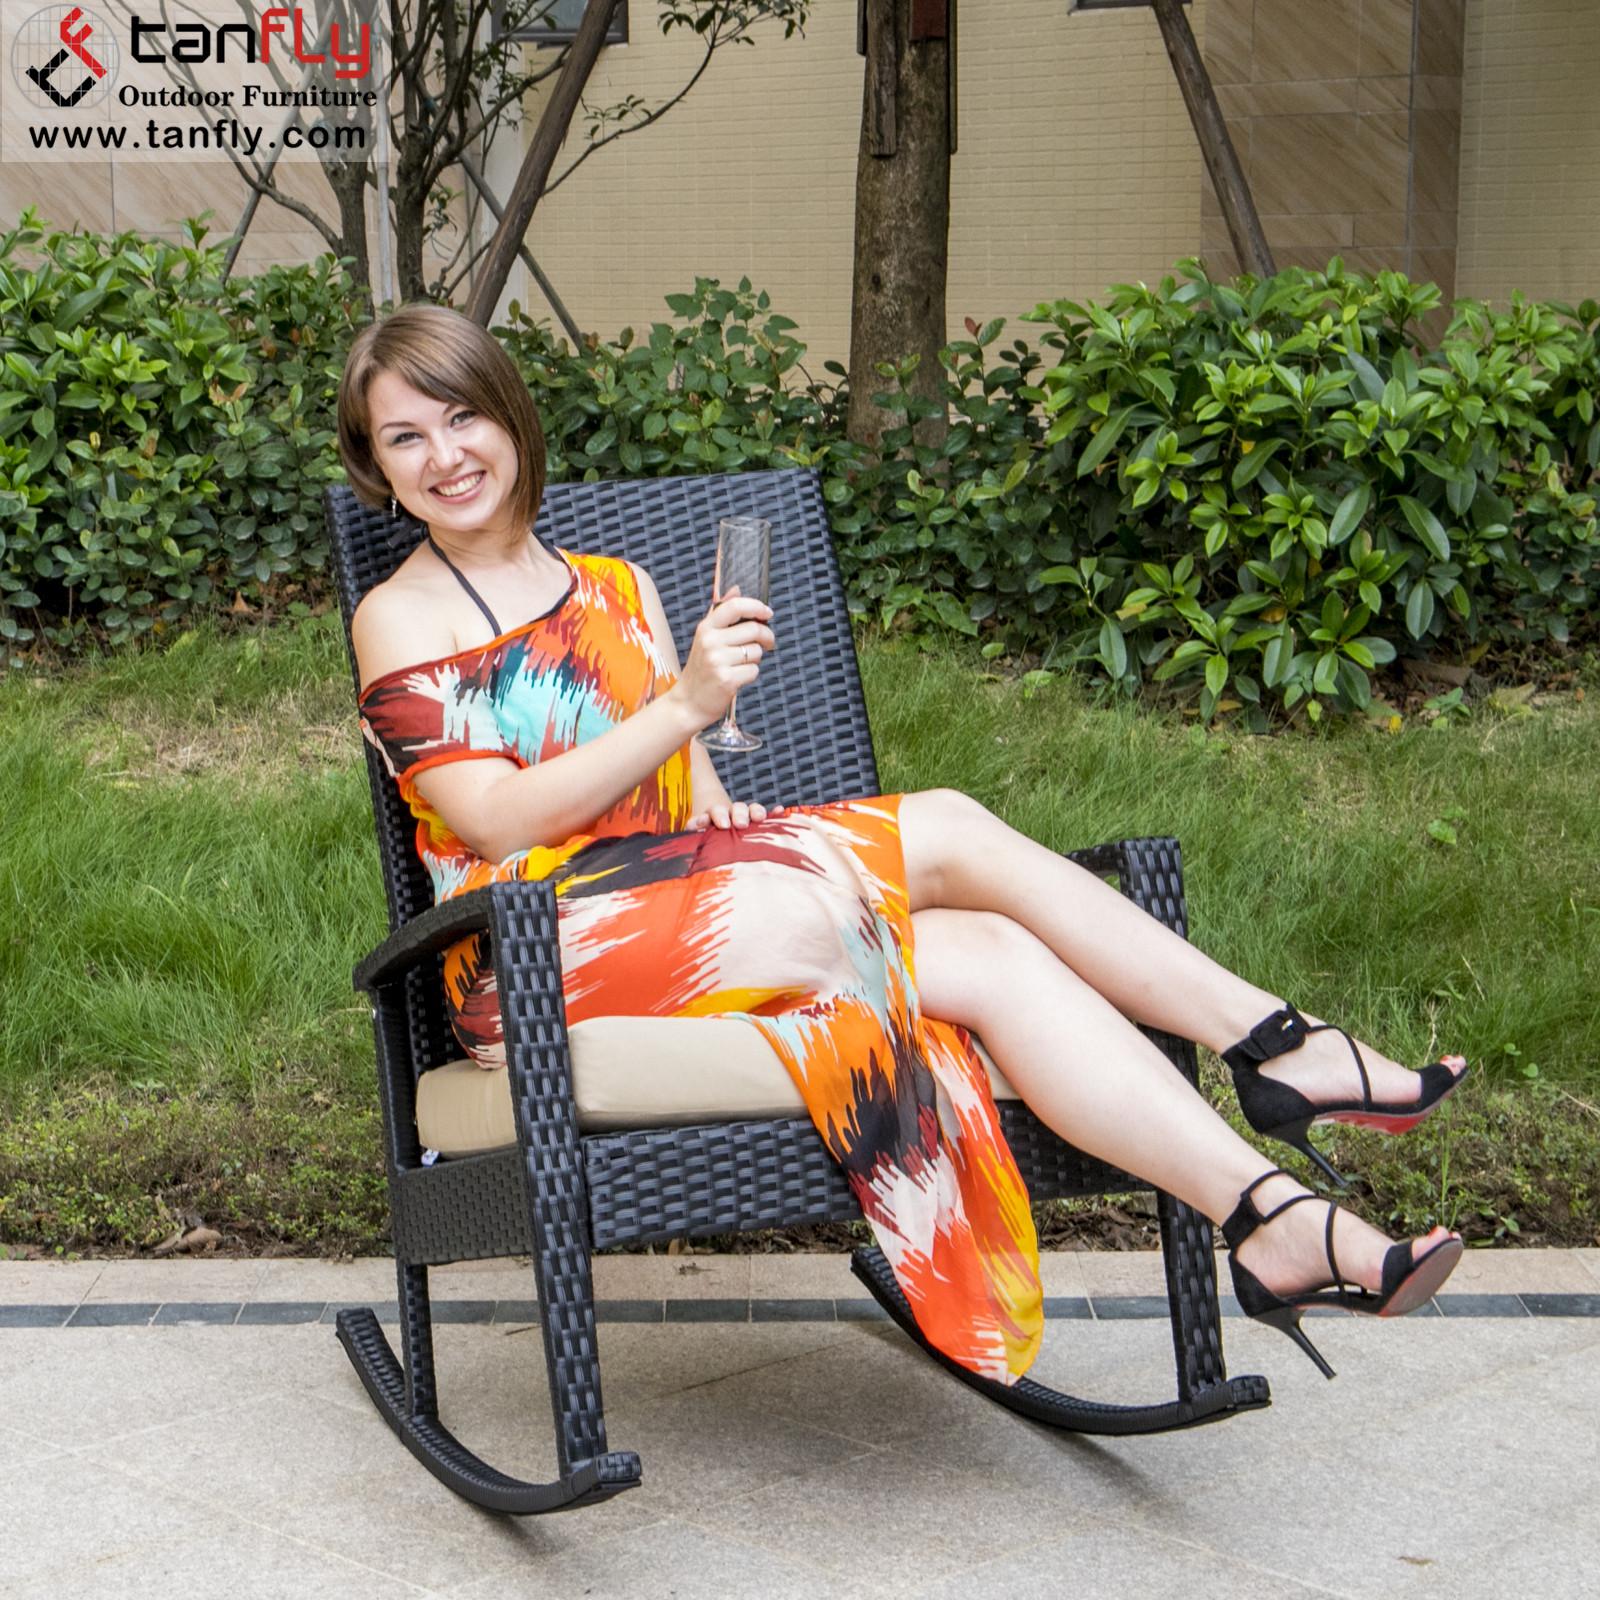 Удобная садовая мебель, металлический ротанговый уличный кресло-качалка